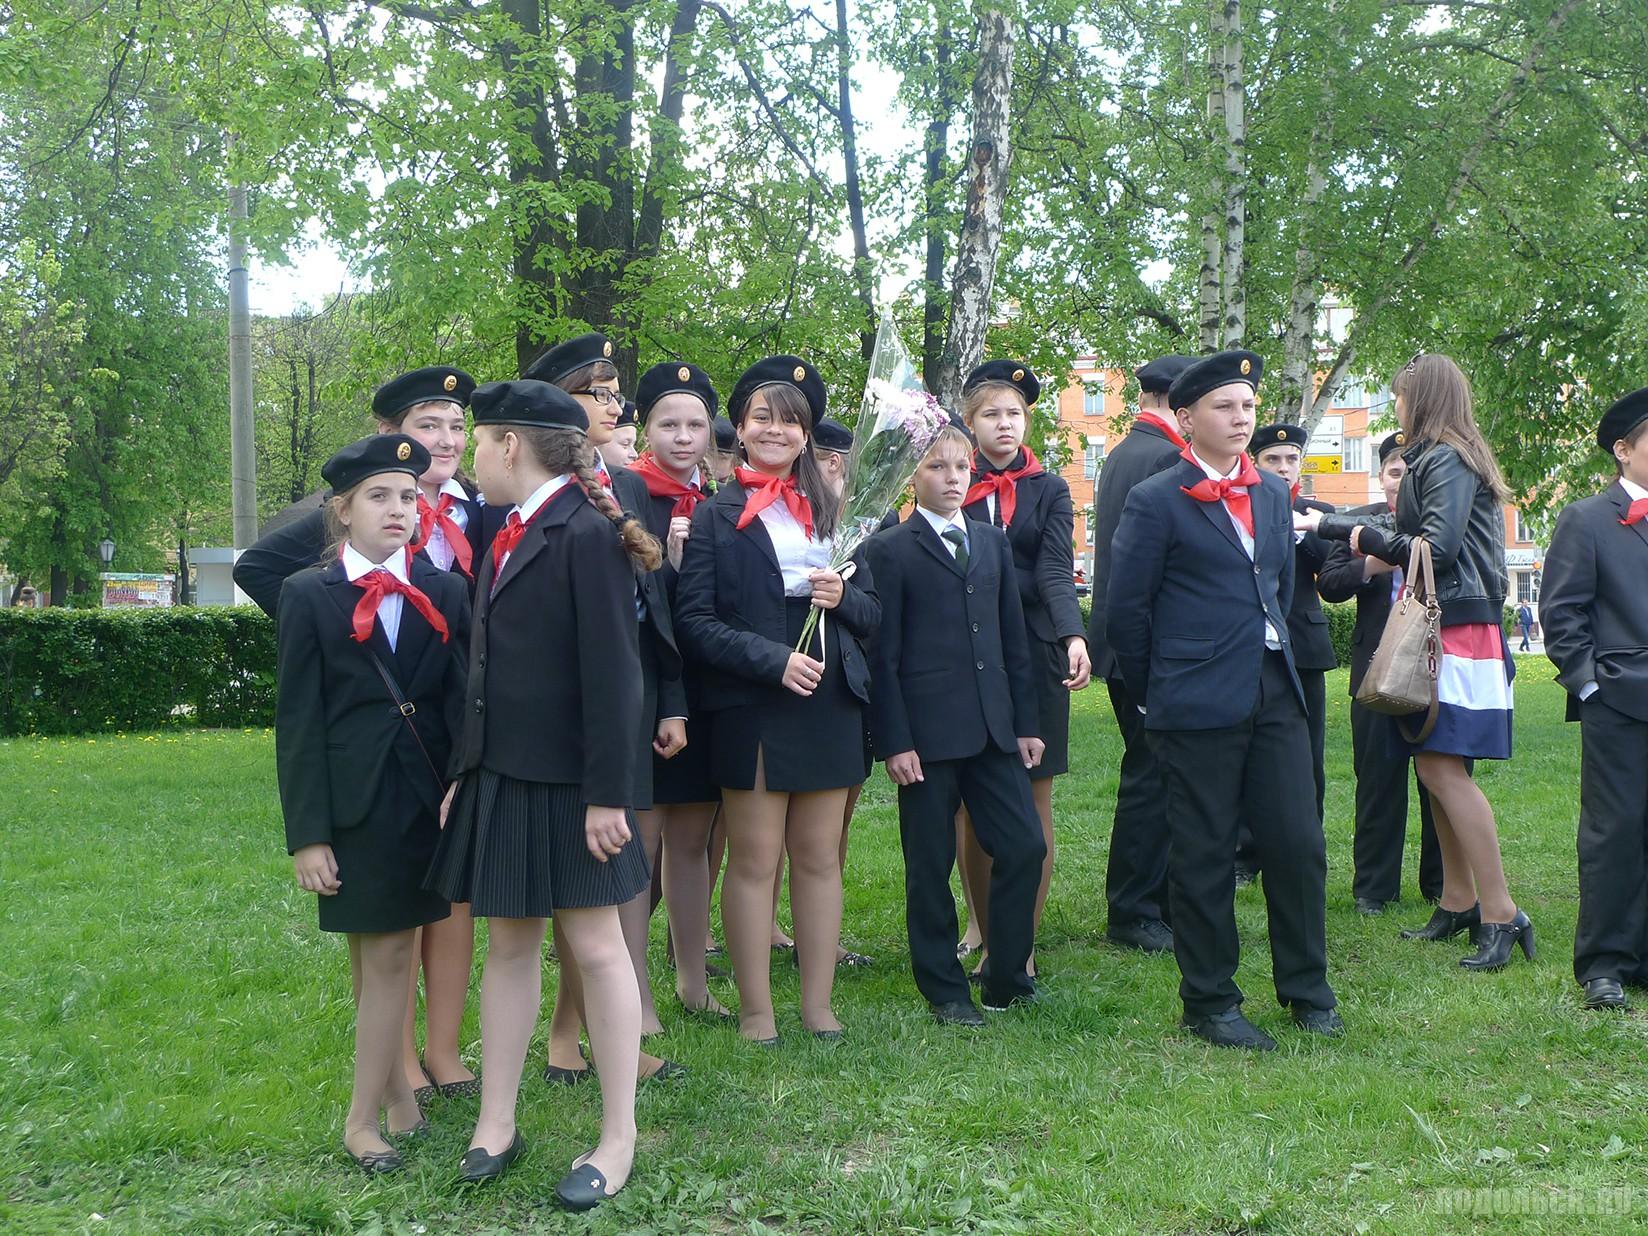 Городской смотр строя и песни отрядов детских организаций Подольска